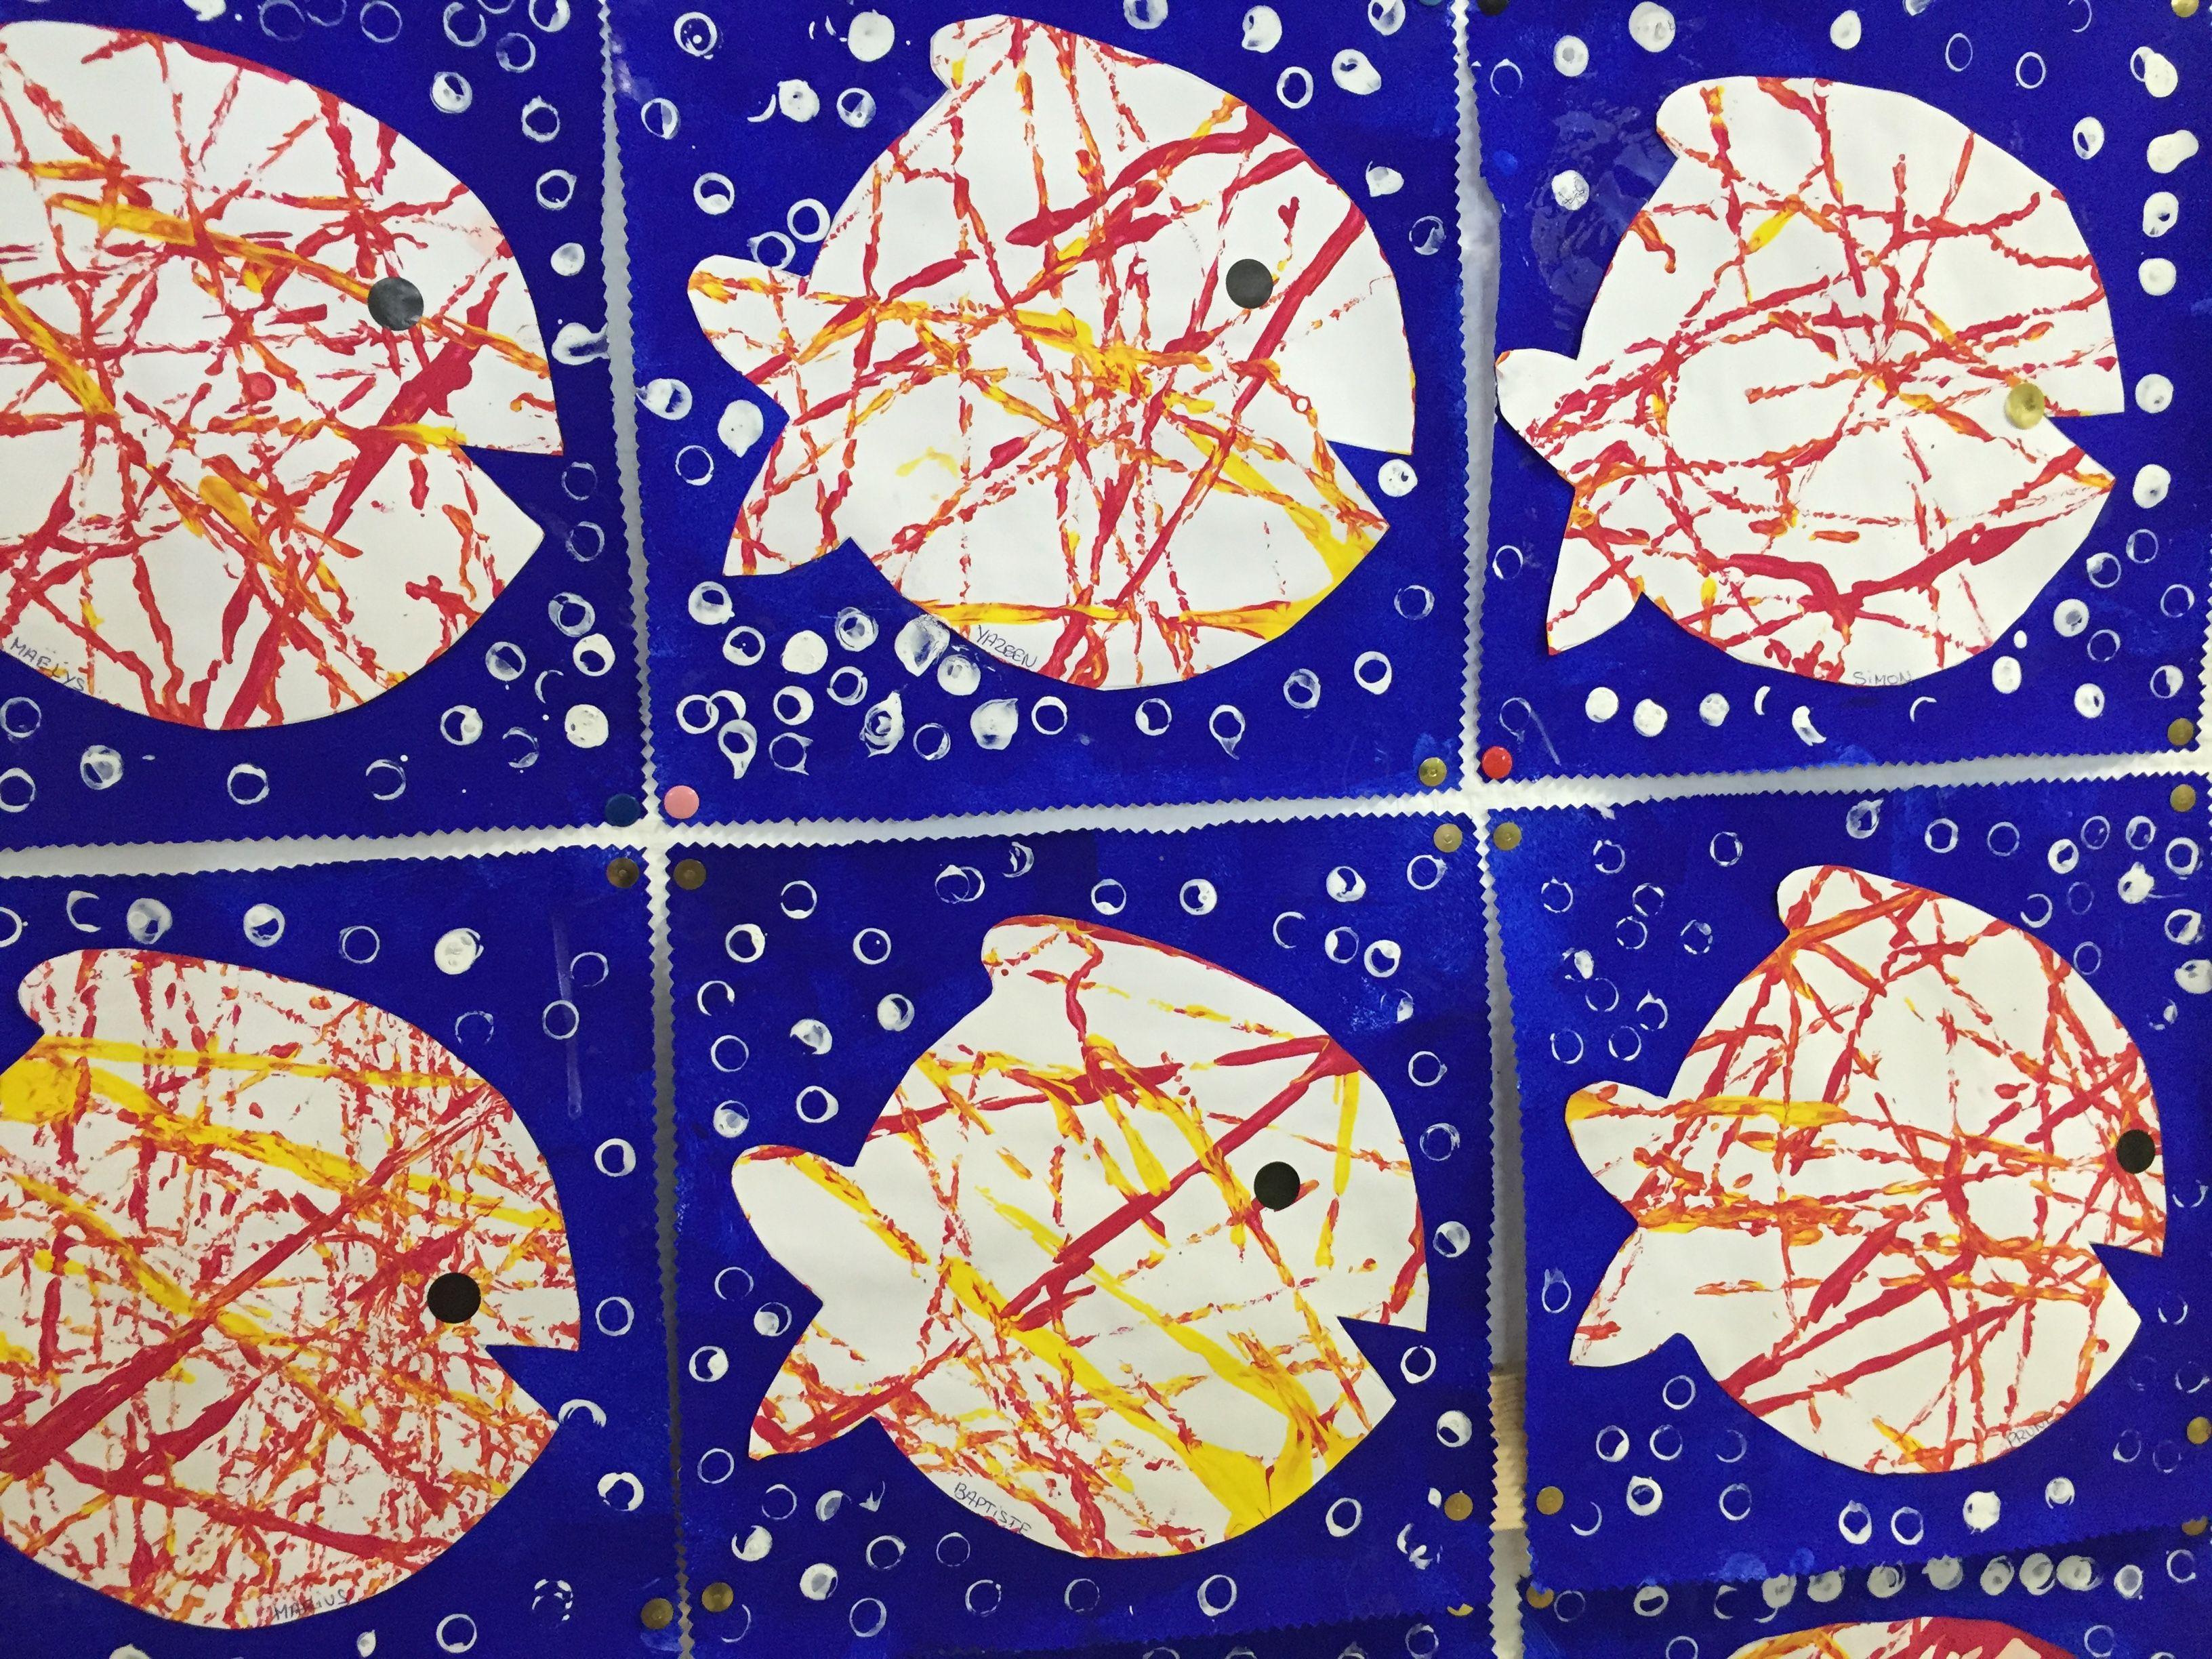 Nos arts plastiques sur la mer ecole maternelle jean mac brest la mer preschool art - Poisson avril maternelle ...